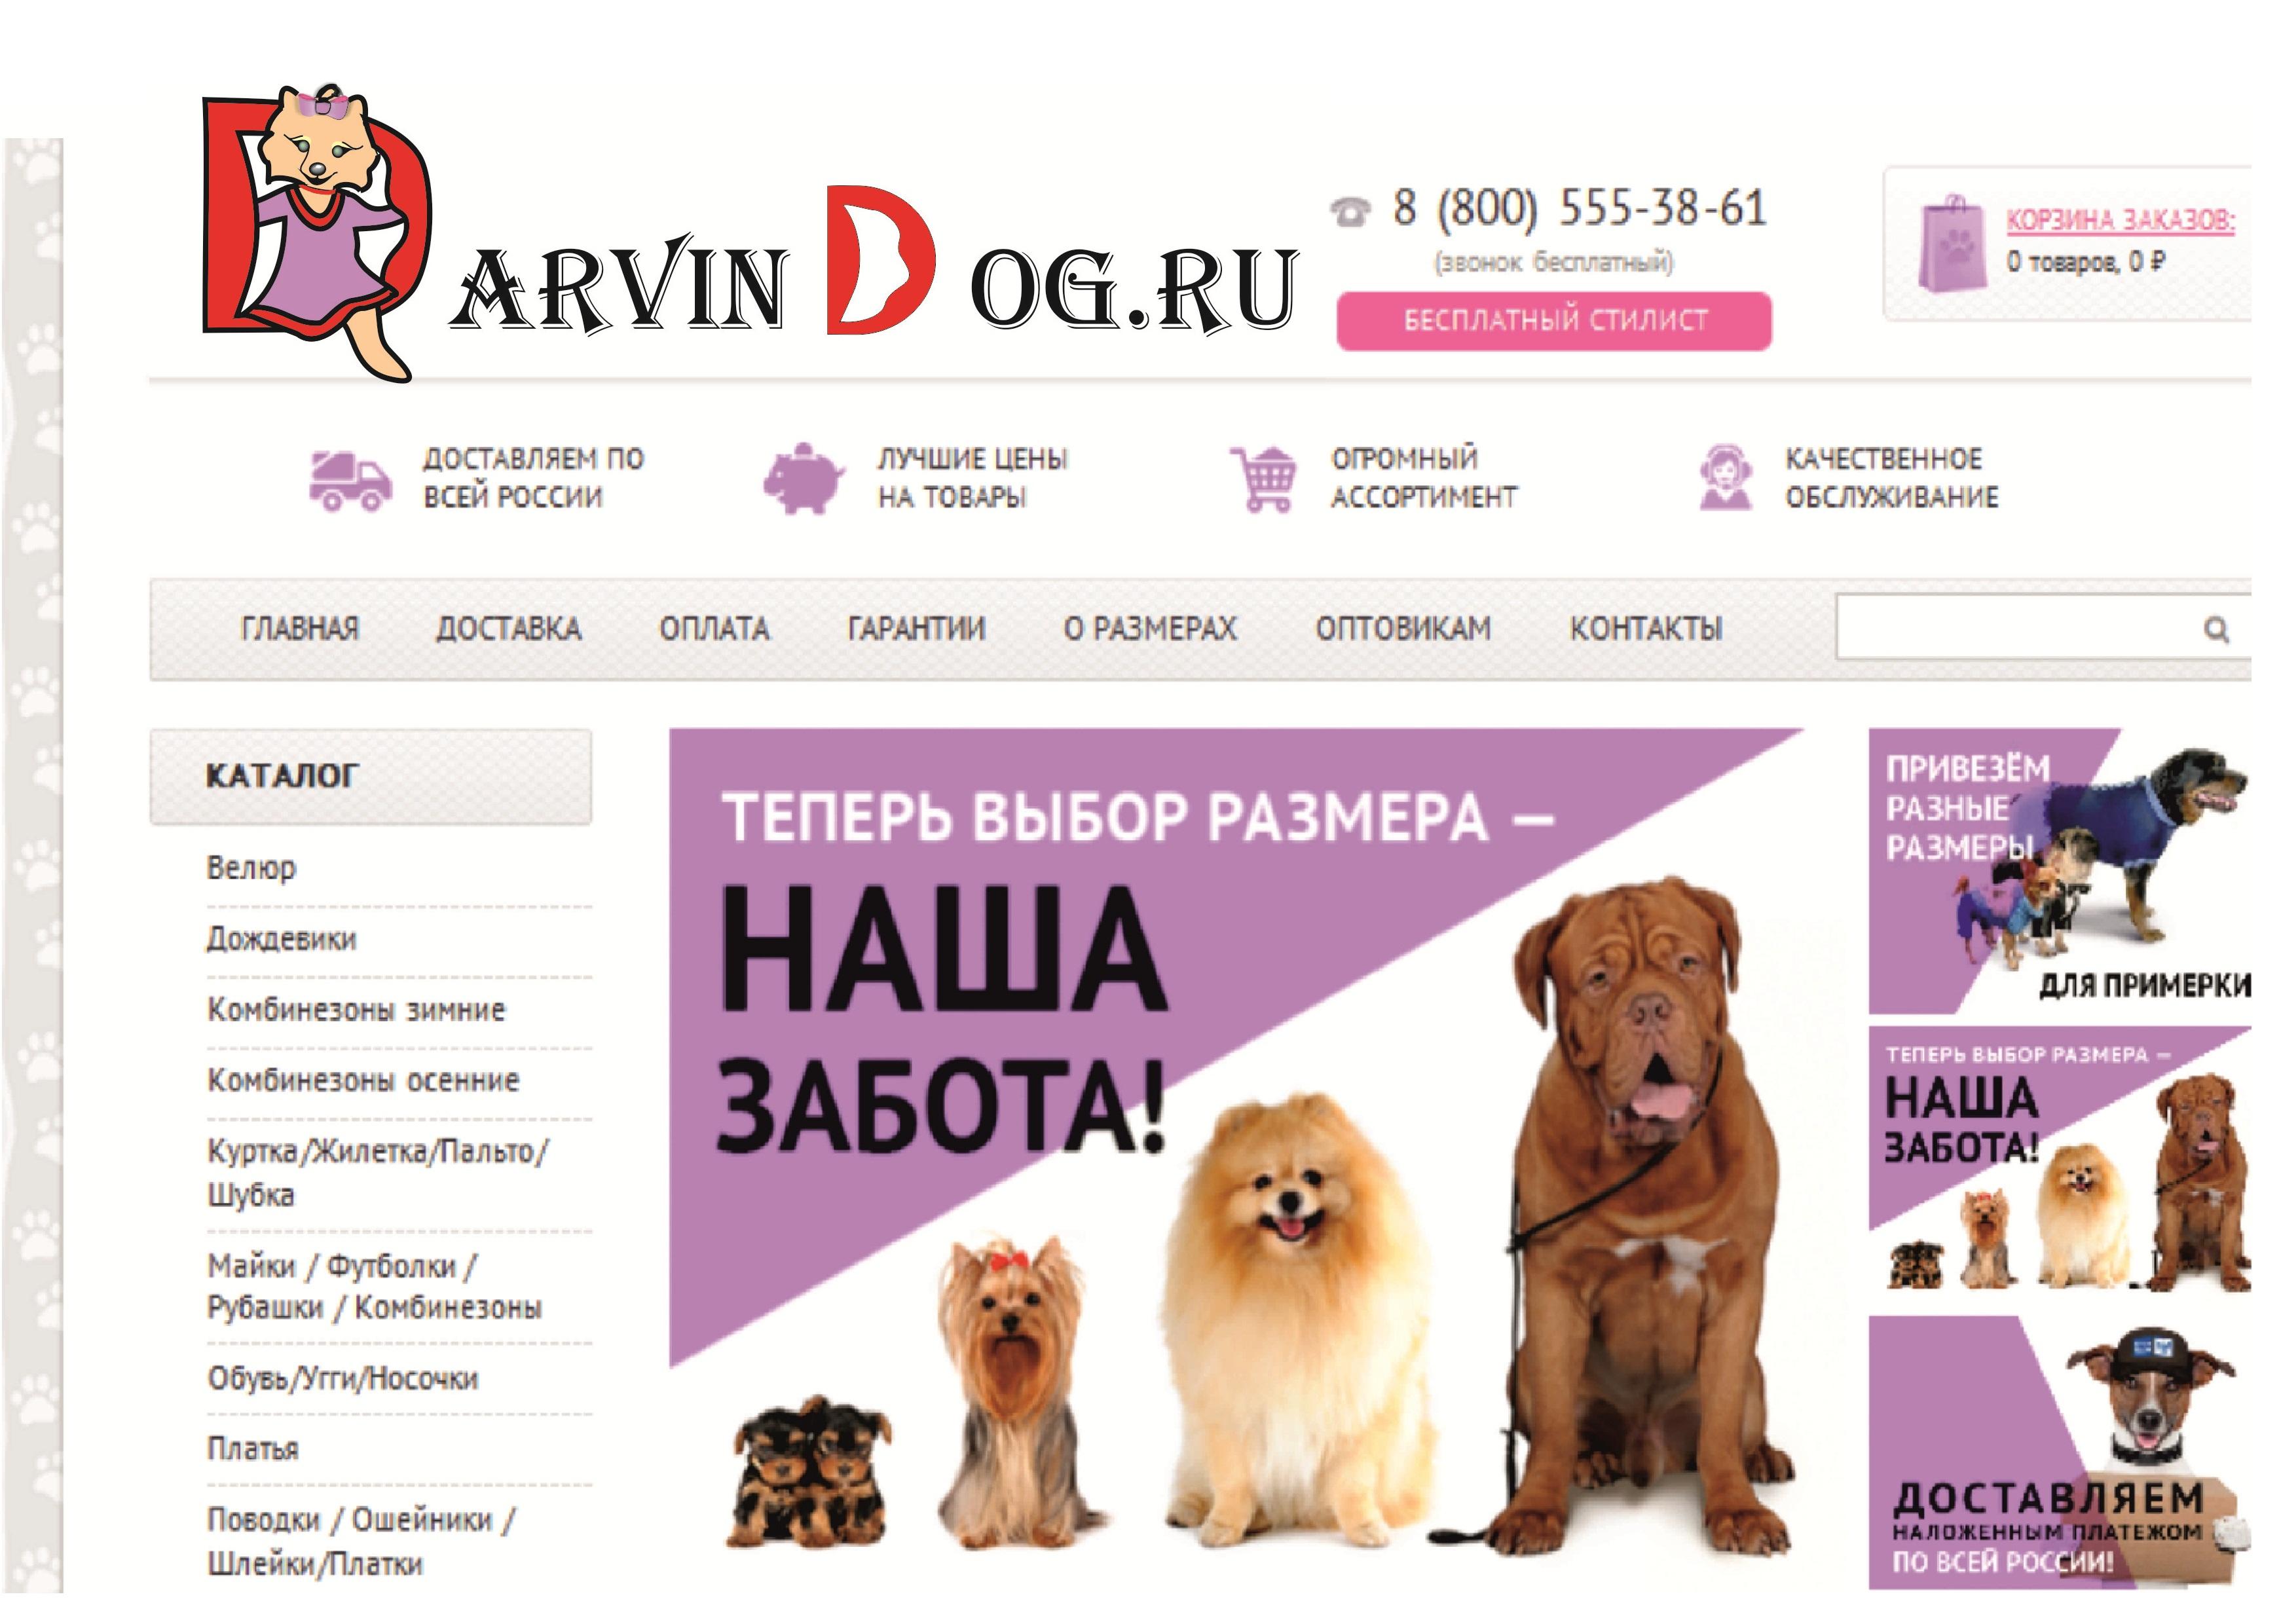 Создать логотип для интернет магазина одежды для собак фото f_0545651cf8c446e2.jpg